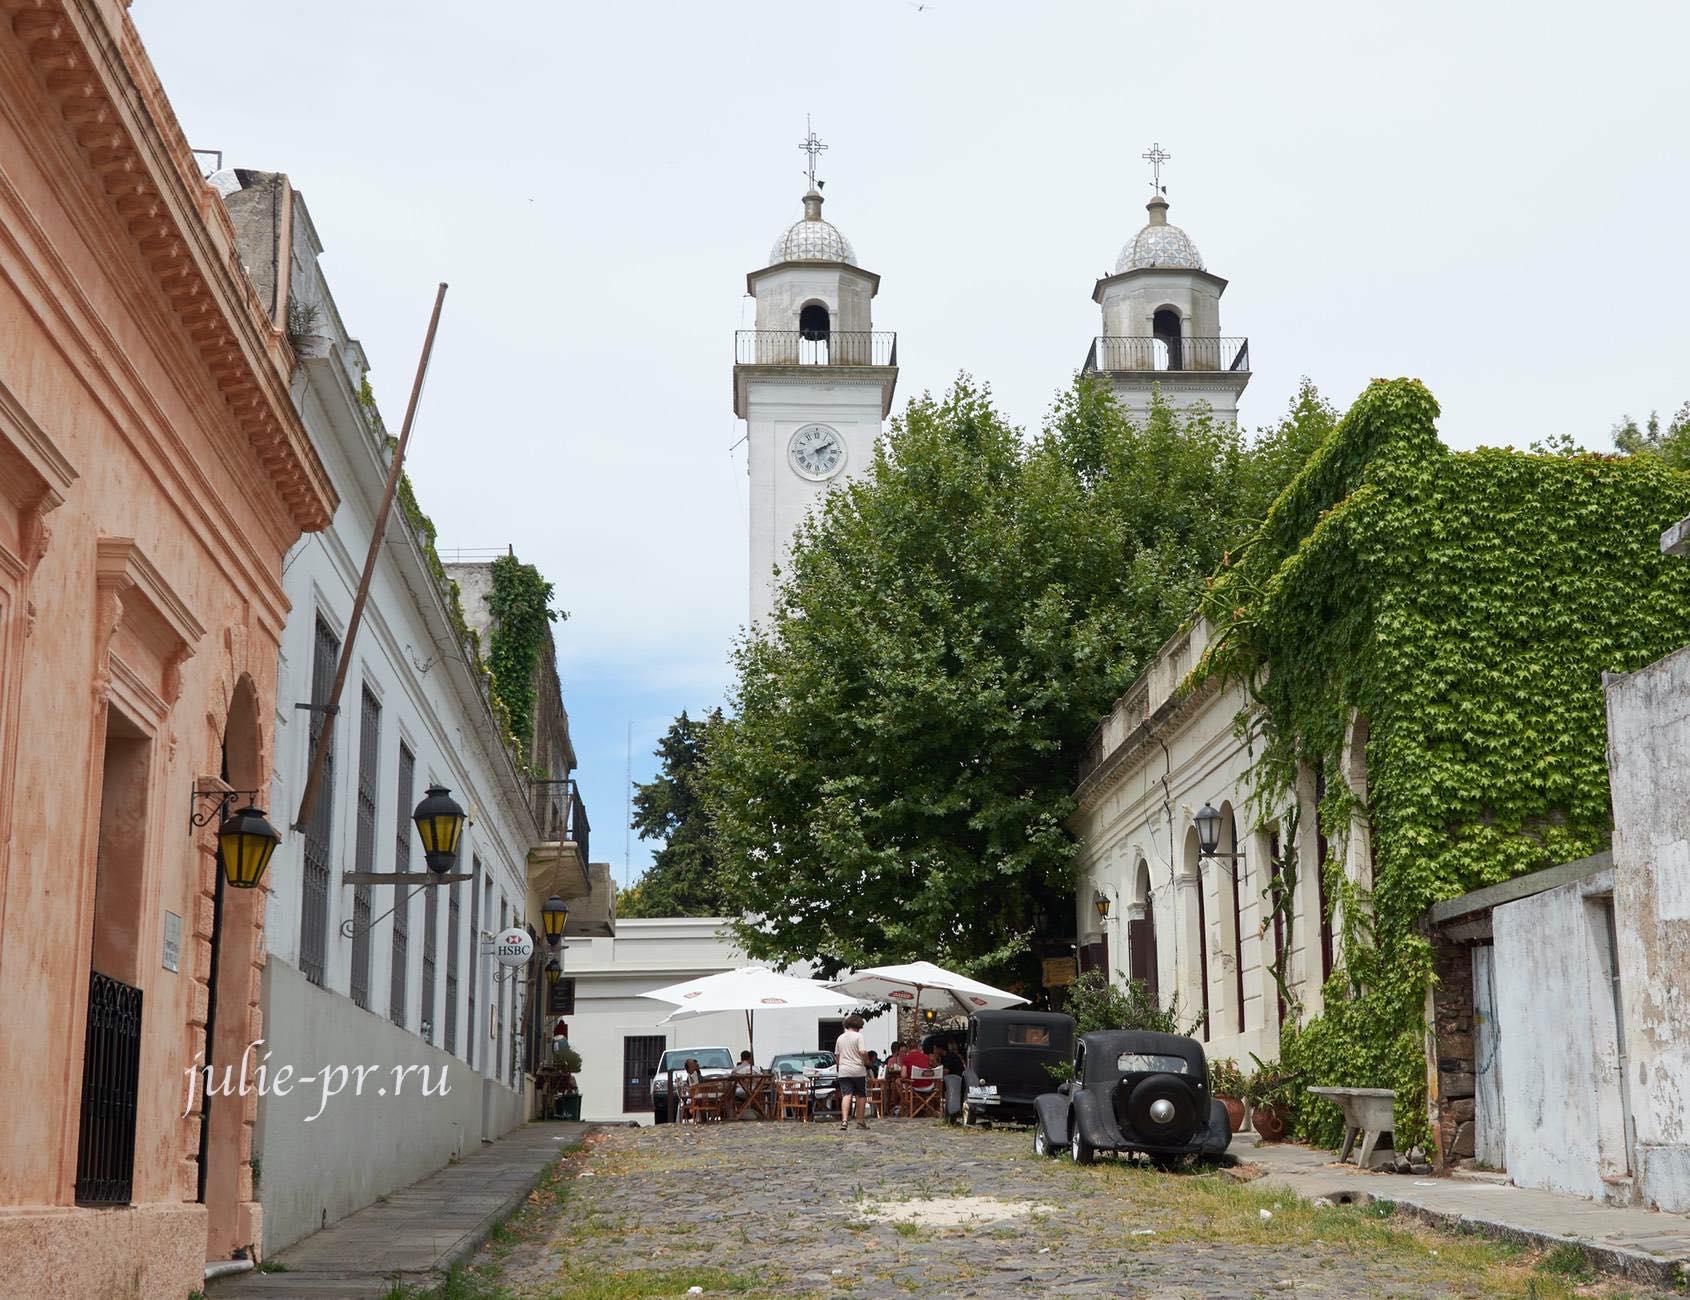 Уругвай, Колония-дель-Сакраменто, Базилика Святого Причастия